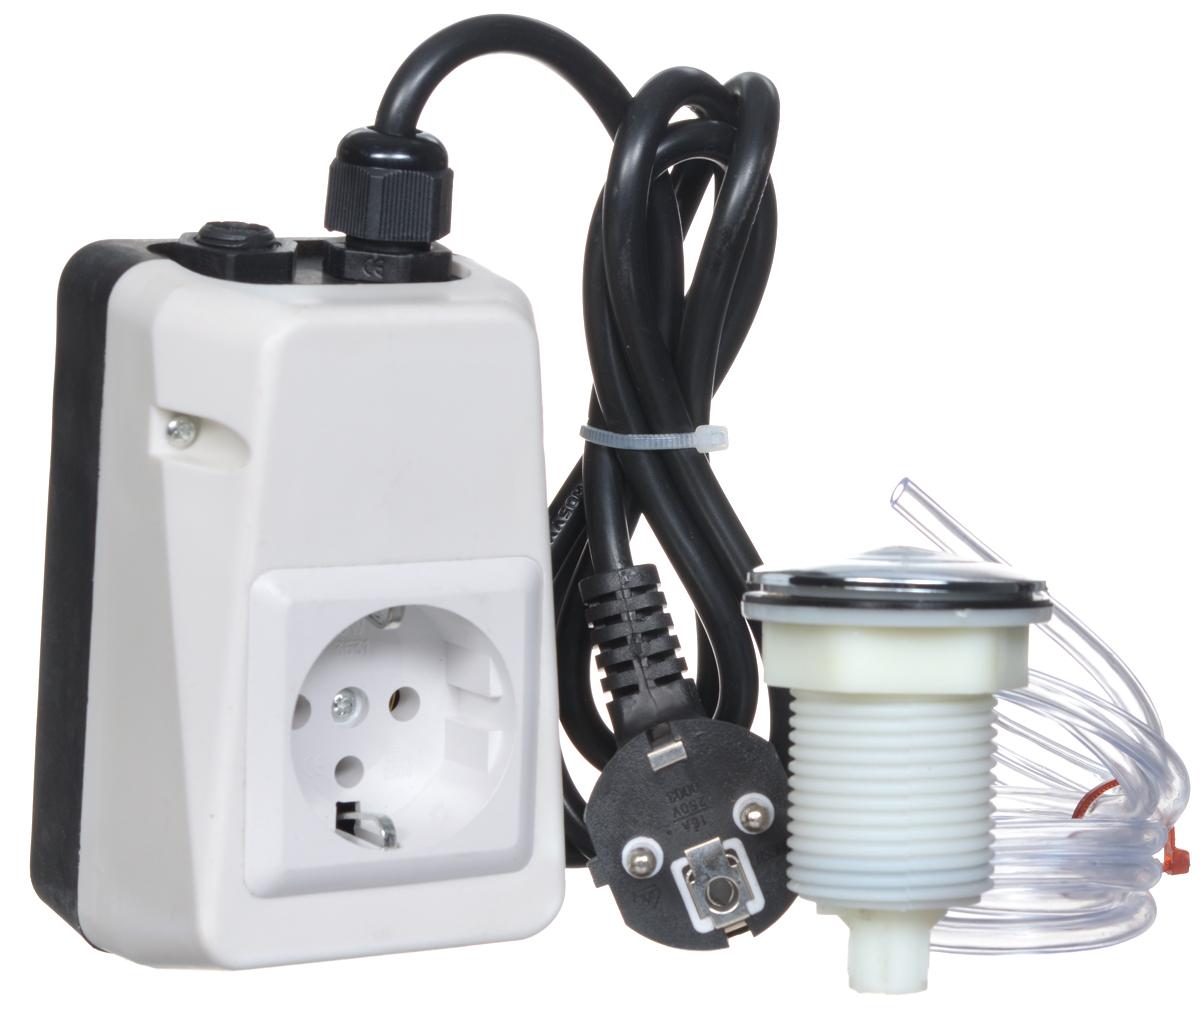 Пневмокнопка для измельчителя отходов WFHT-300dWFHT-300dПневматический воздушный выключатель - кнопка WFHT-300 предназначен для безопасного включения/выключения измельчителя пищевых отходов. В отличие от электровыключателя, пневмовыключатель может быть установлен в помещениях с повышенной влажностью, а также во влажной среде рядом с кранами или раковинами. При нажатии пневмовыключателя, воздух нагнетается в трубке, замыкая контакты выключателя. Таким образом подается питание для утилизации отходов. Благодаря специальному переключающему устройству, пневмовыключатель остаётся в замкнутом состоянии до следующего нажатия для разъединения и отключения питания подаваемого на измельчитель пищевых отходов. Защита от перегрузки Диаметр трубки: 0,7 см Длина трубки: 1,2 м Европейский штепсель